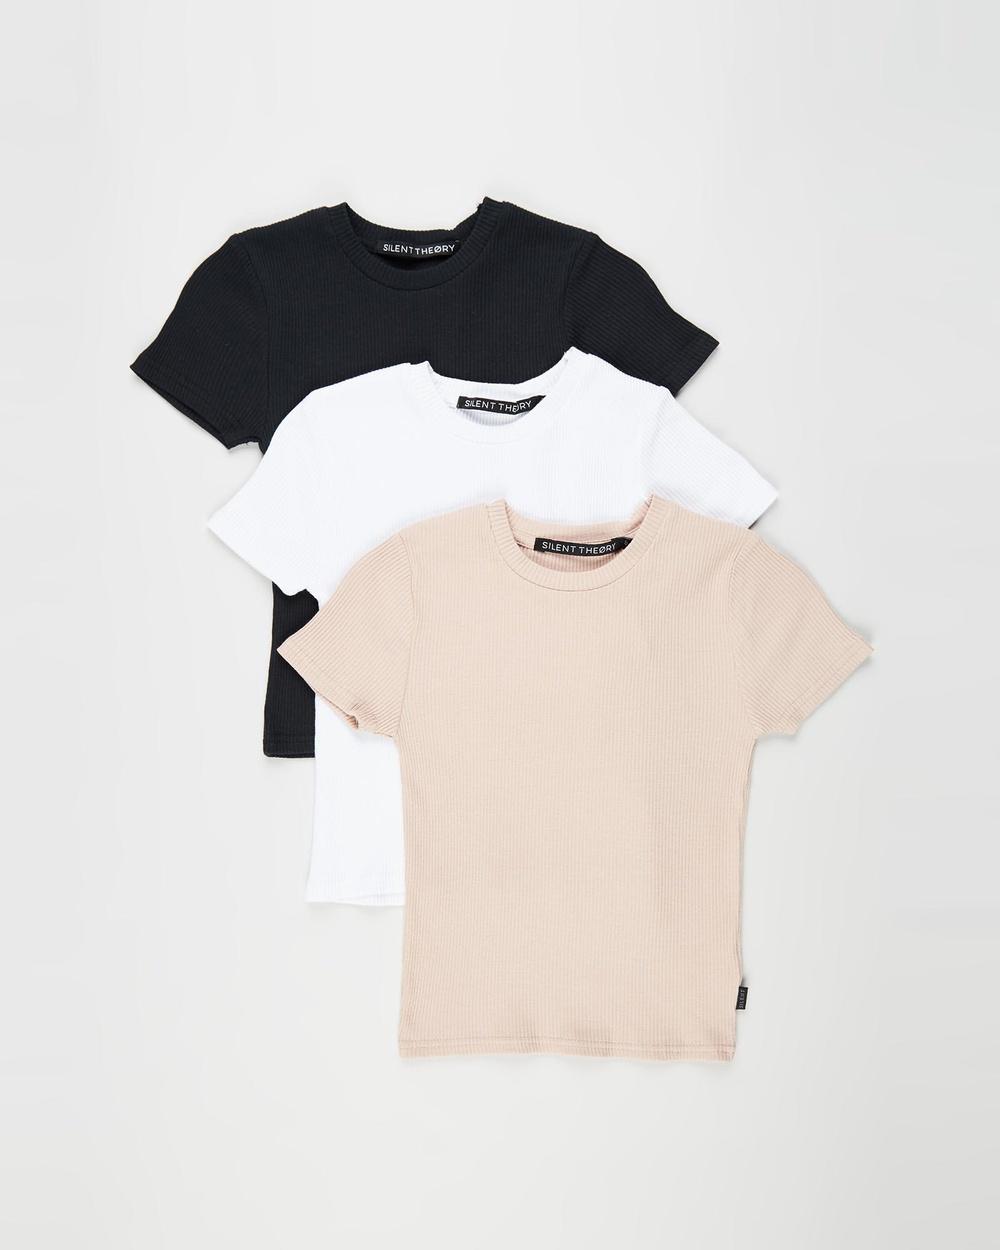 Silent Theory - Manhattan SS Tee 3 Pack - Short Sleeve T-Shirts (MULTICOLOURED) Manhattan SS Tee 3-Pack